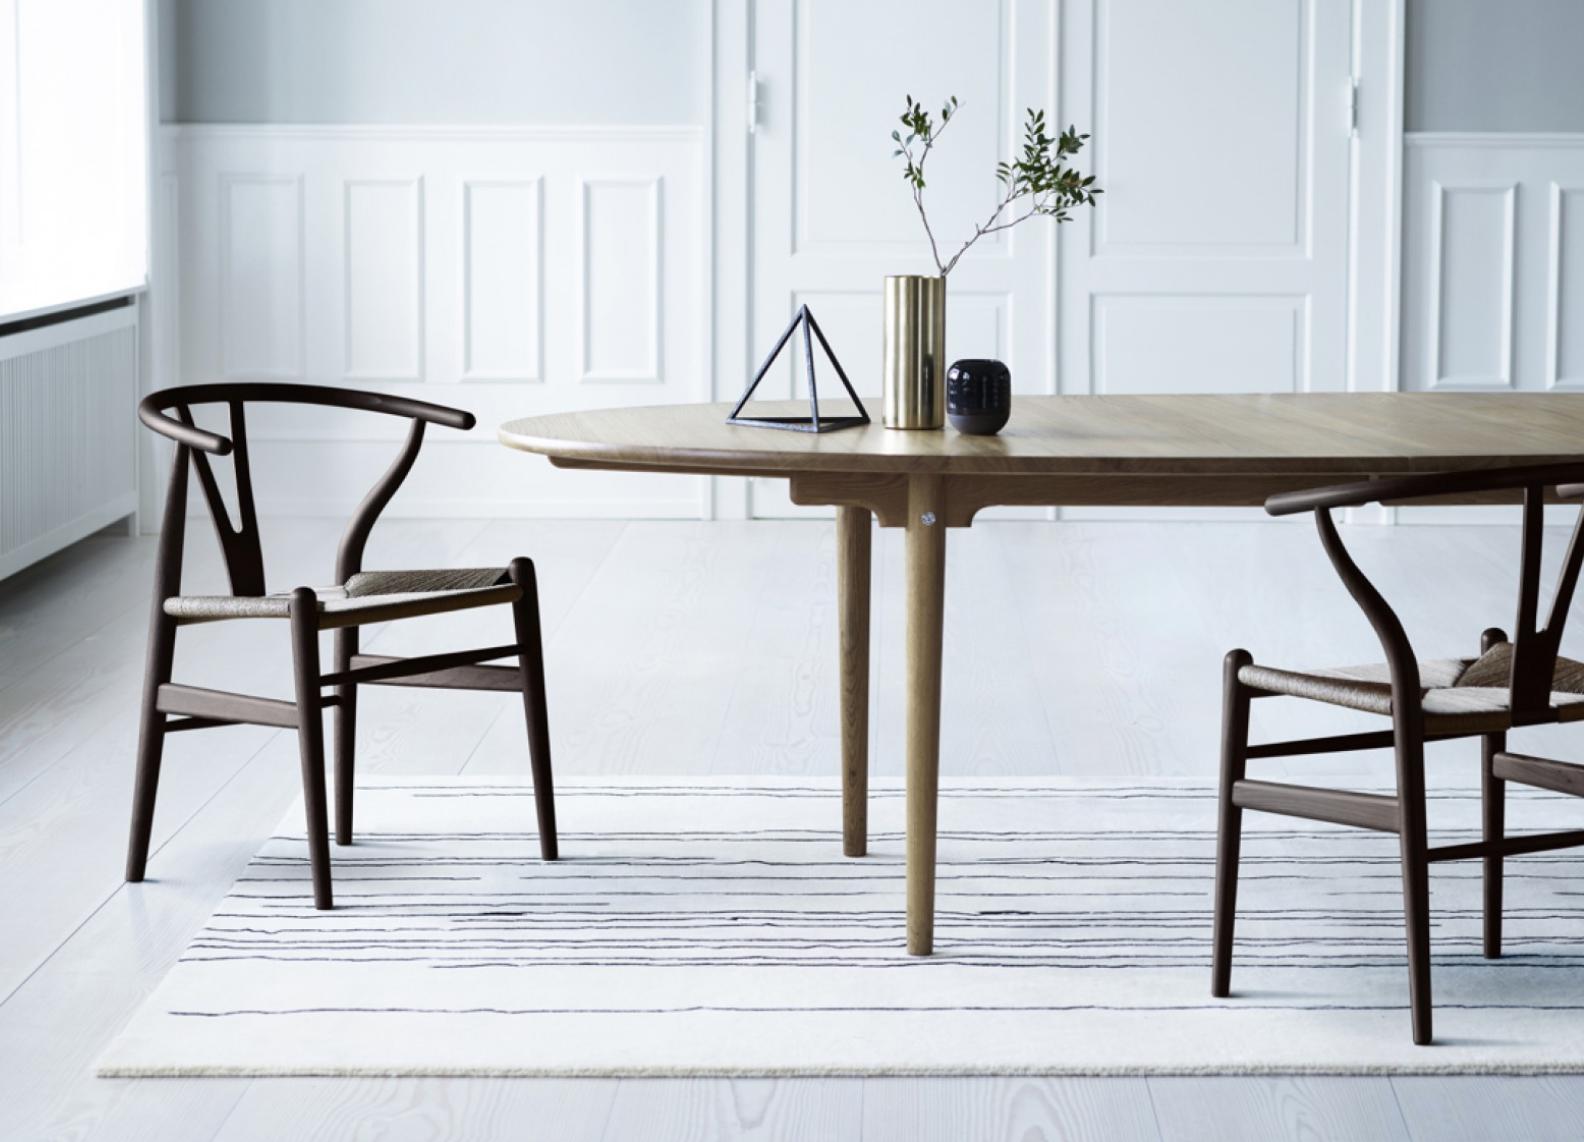 Carl Hansen CH 24 wishbone chair stoel bij design meubelwinkel Loncin in Hasselt, Leuven en Zoutleeuw Sint-Truiden.  Niet ver van Mechelen, Wavre Liege Namur  maastricht Brussels Bruxelles Antwerpen interieur.png